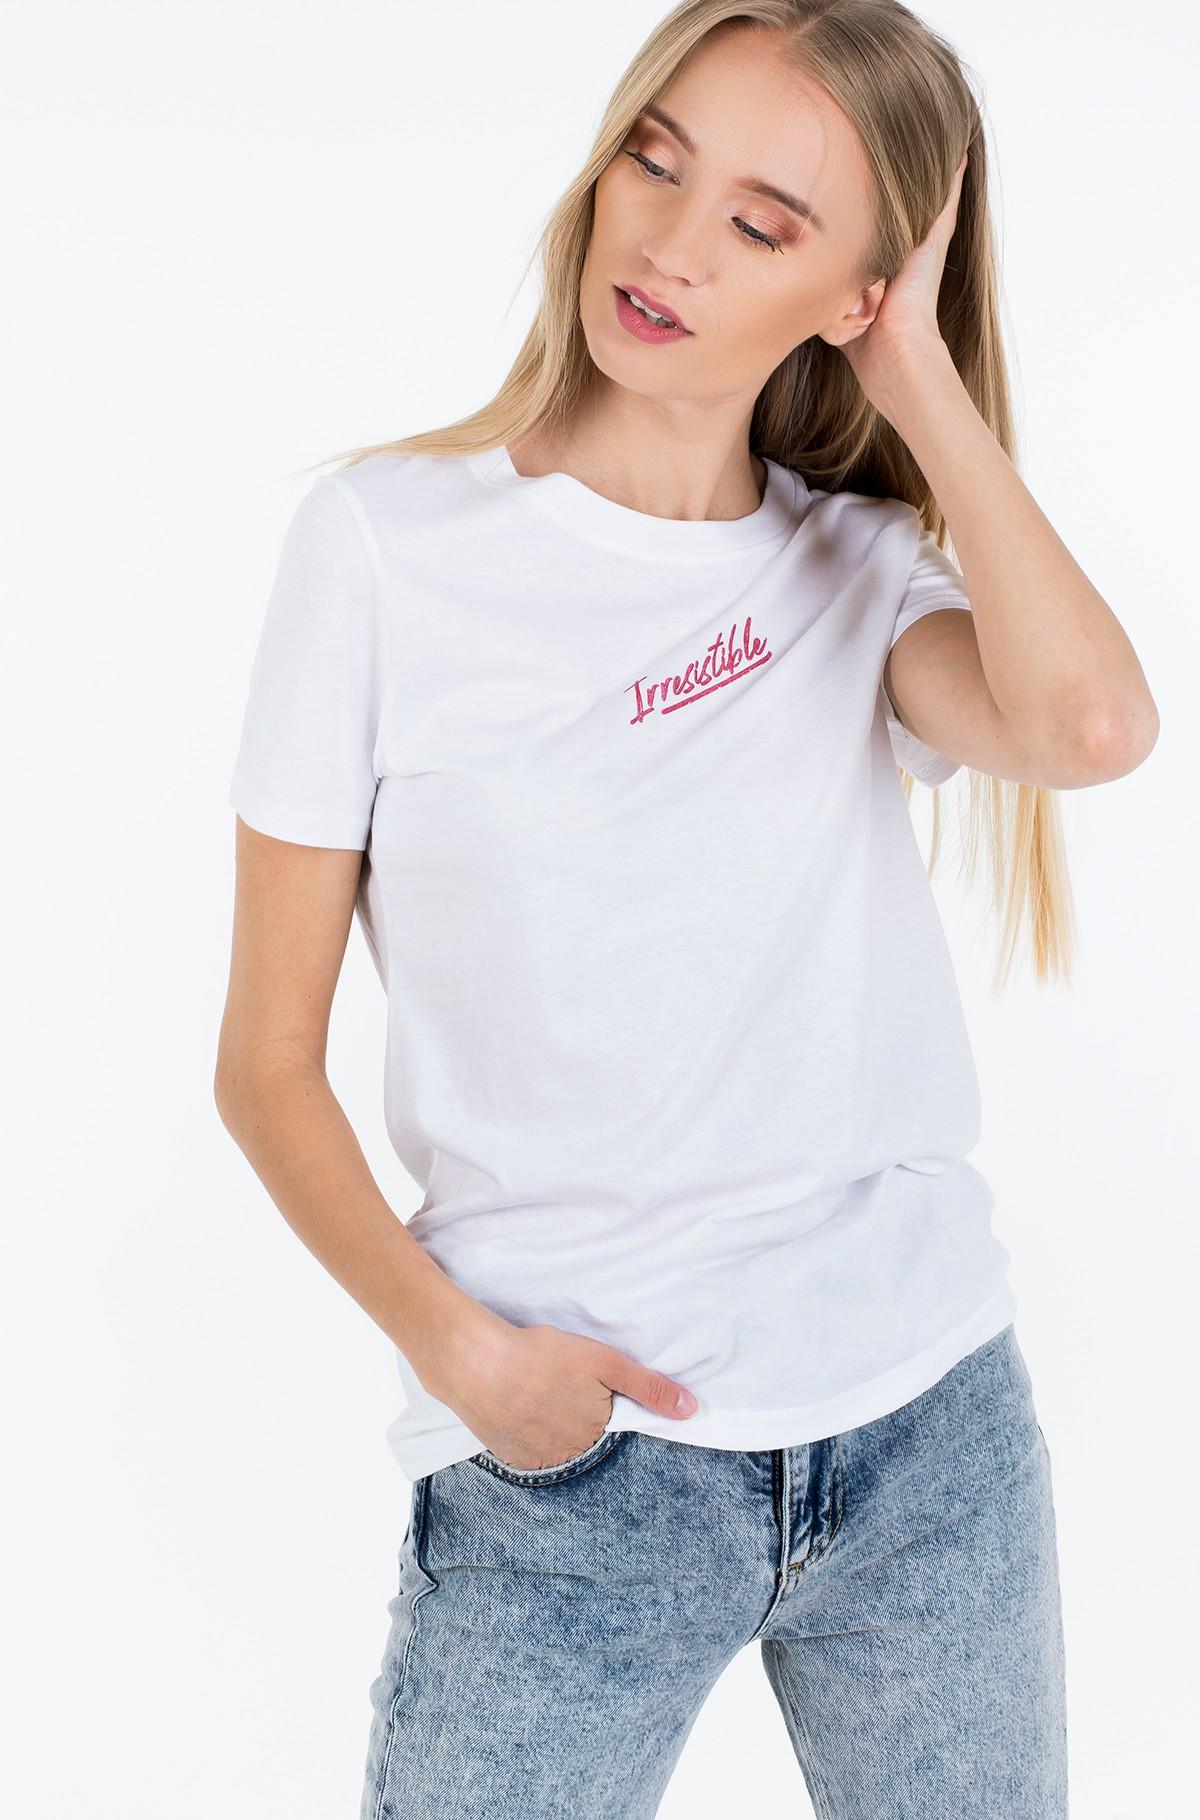 T-shirt W0GI20 K46D0-full-1